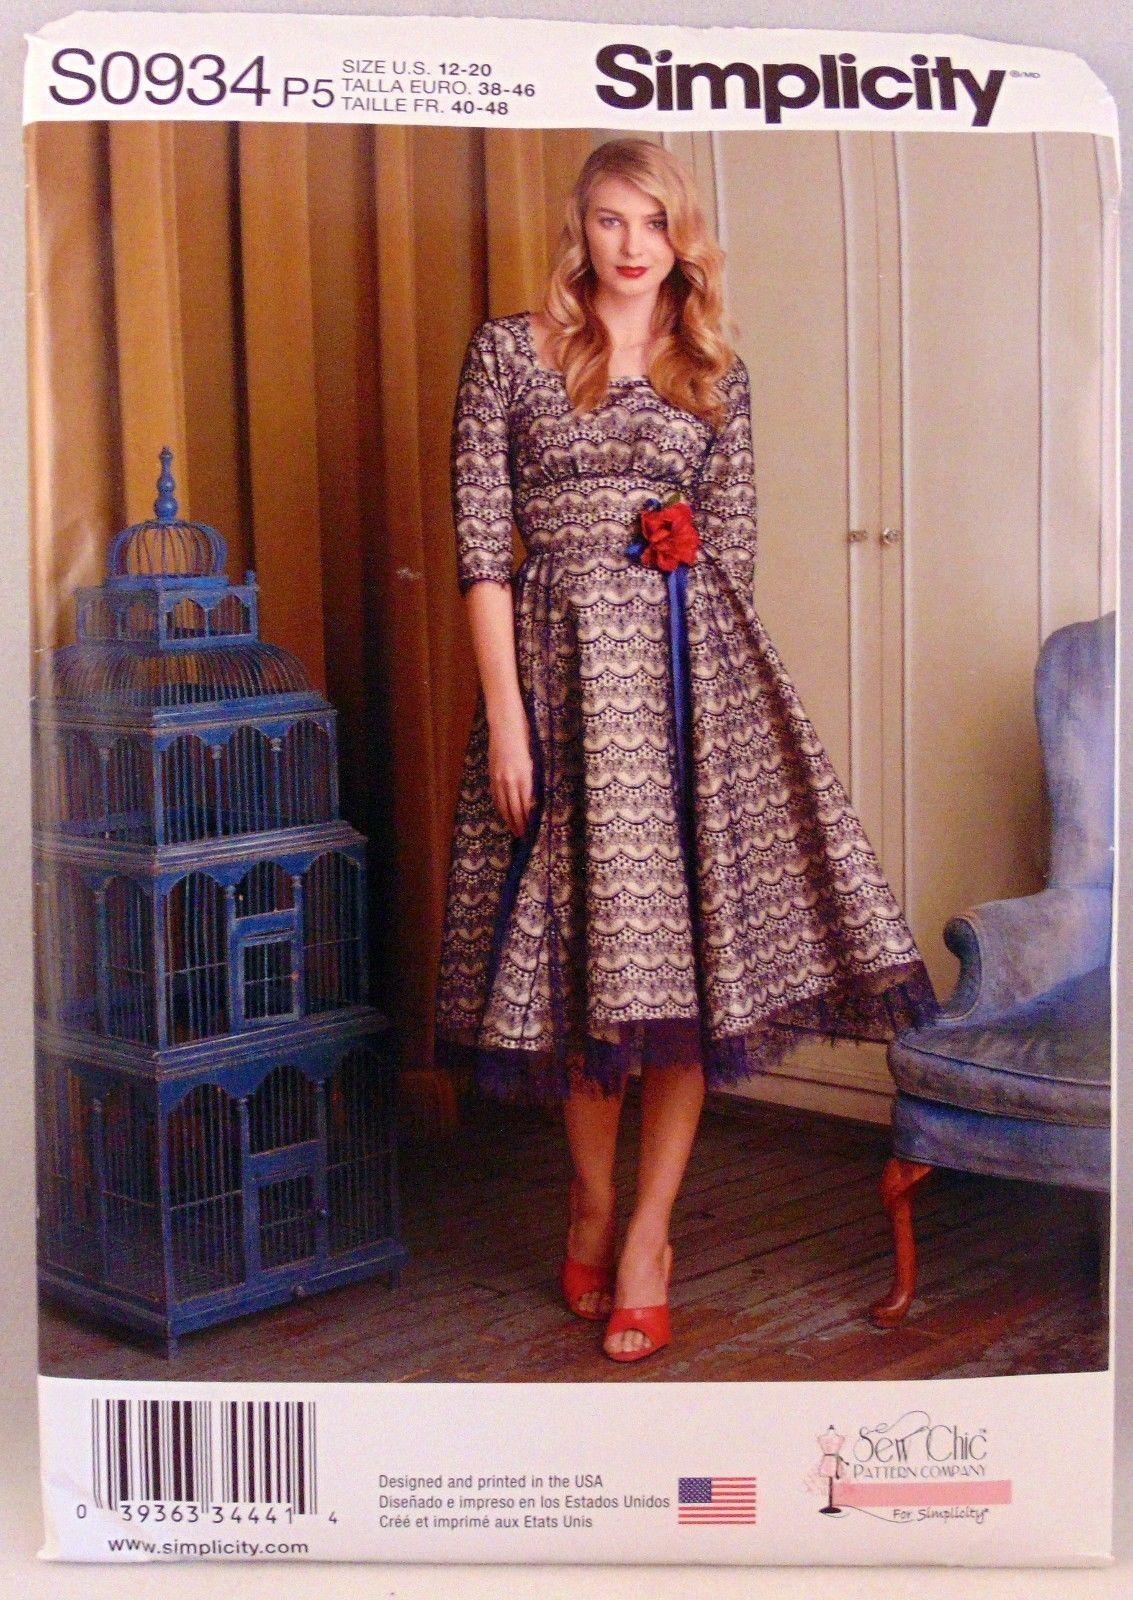 2ed2996d7d S l1600. S l1600. Previous. Simplicity S0934 dress Sew Chic Pattern Company Sizes  12-20 women s plus size